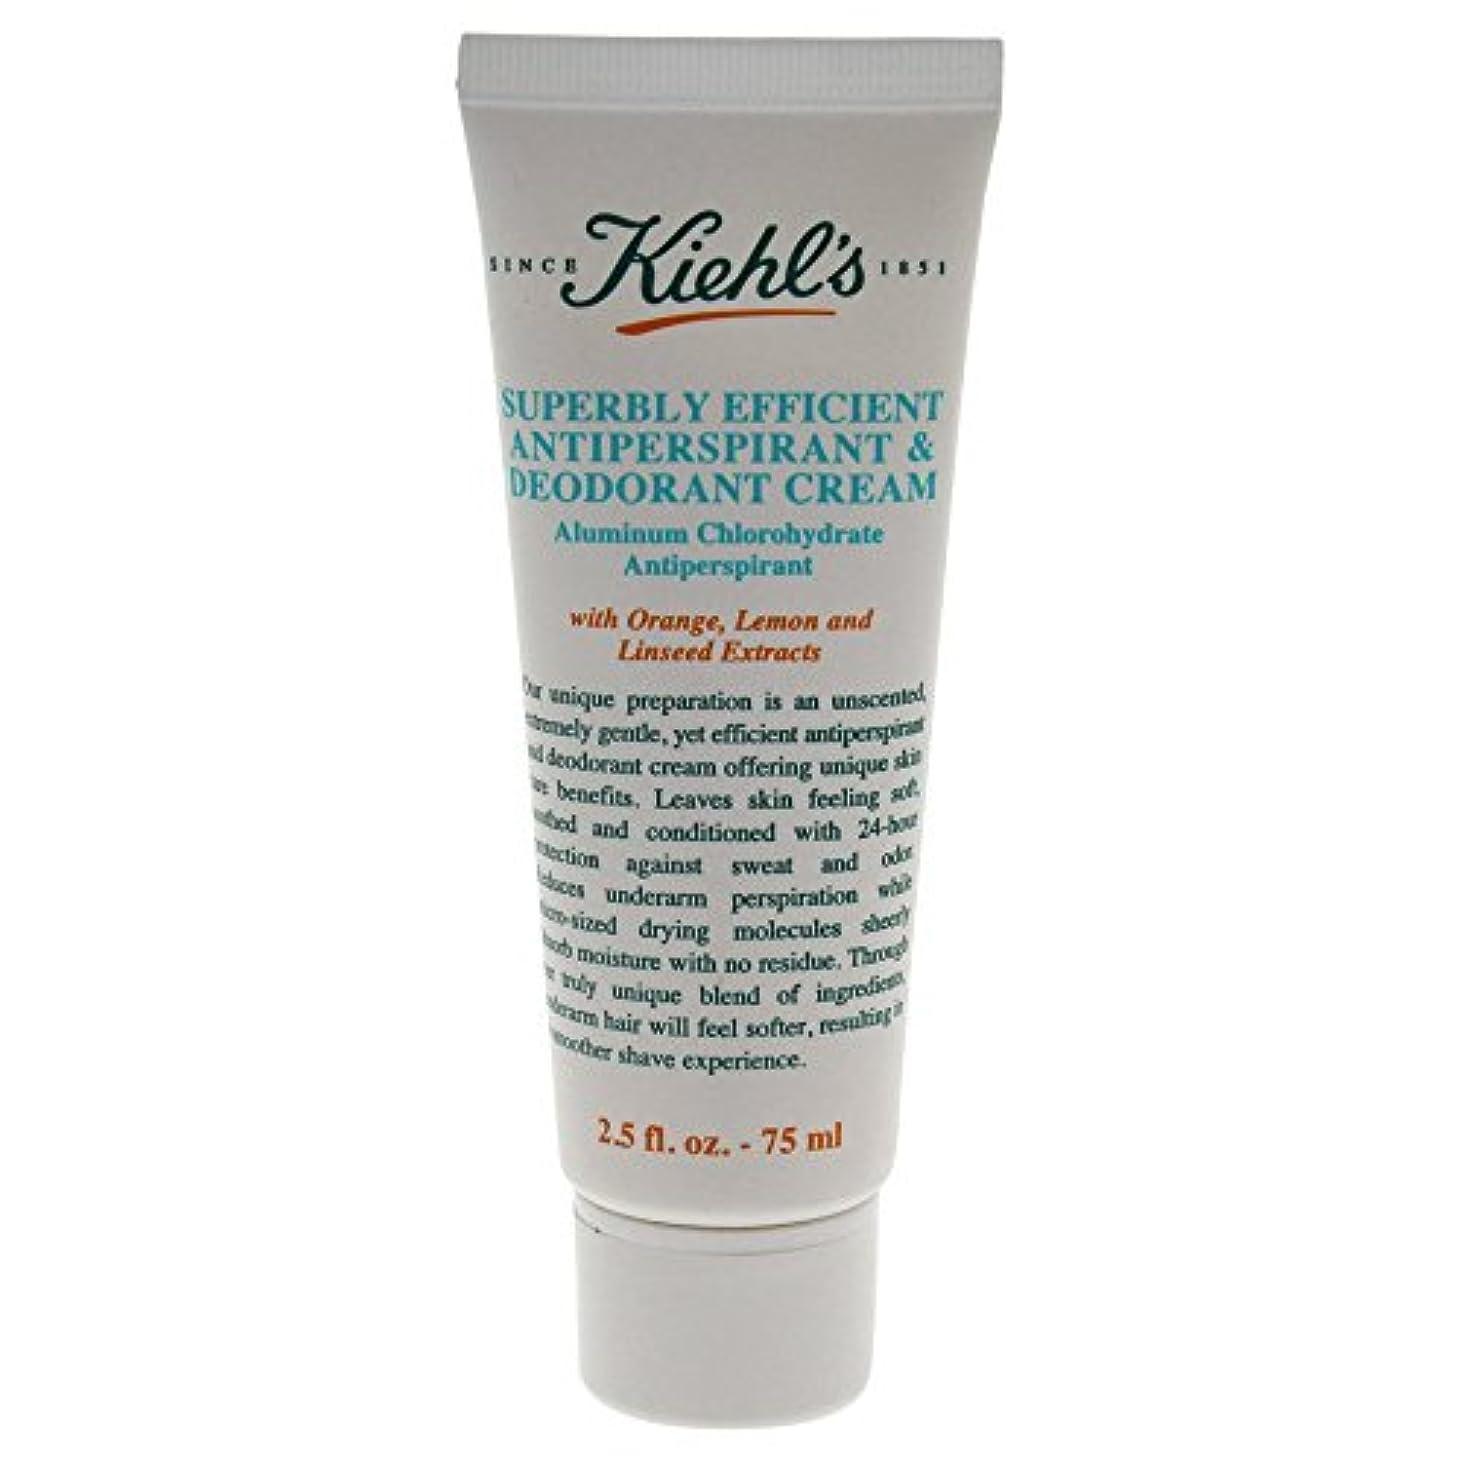 説教教室正しくKiehl's Superbly Efficient Anti Perspirant & Deodorant Cream - Full Size 2.5oz (75ml)